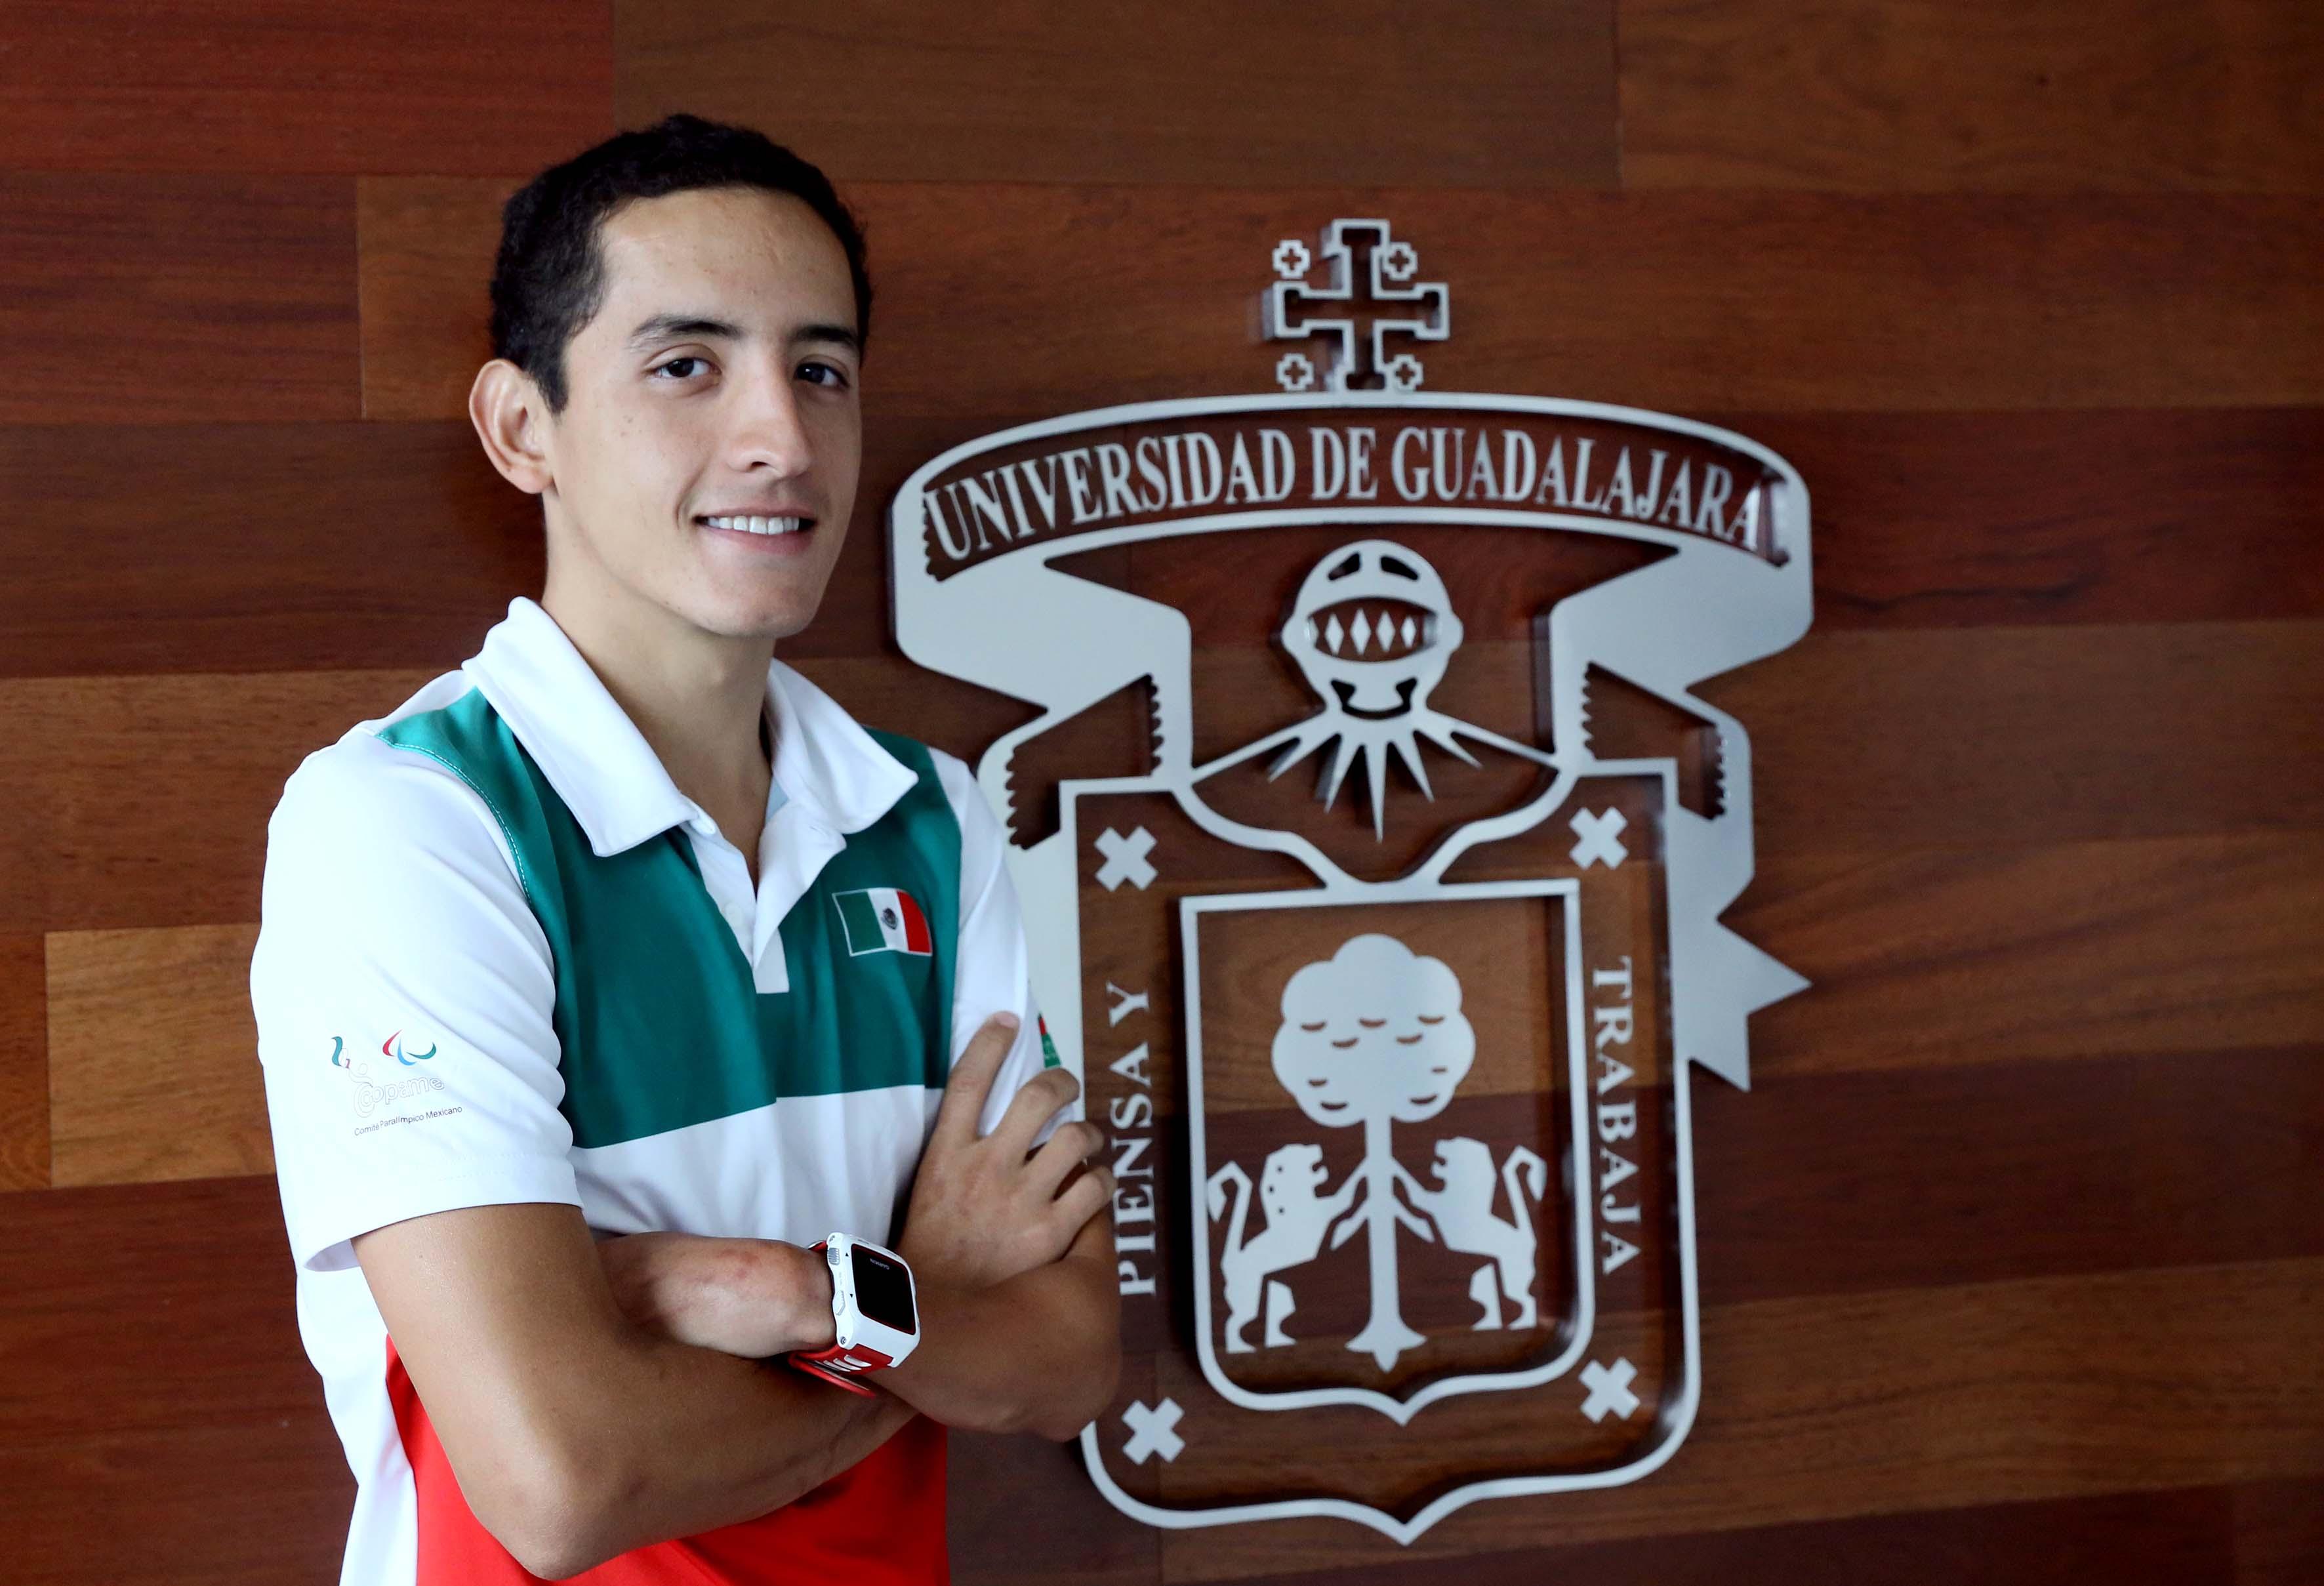 Triatleta Abraham Estrada Sierra se adjudicó la medalla de oro en la categoría PTS5, de la Copa Mundial de Paratriatlón, efectuada en Sarasota, Estados Unidos